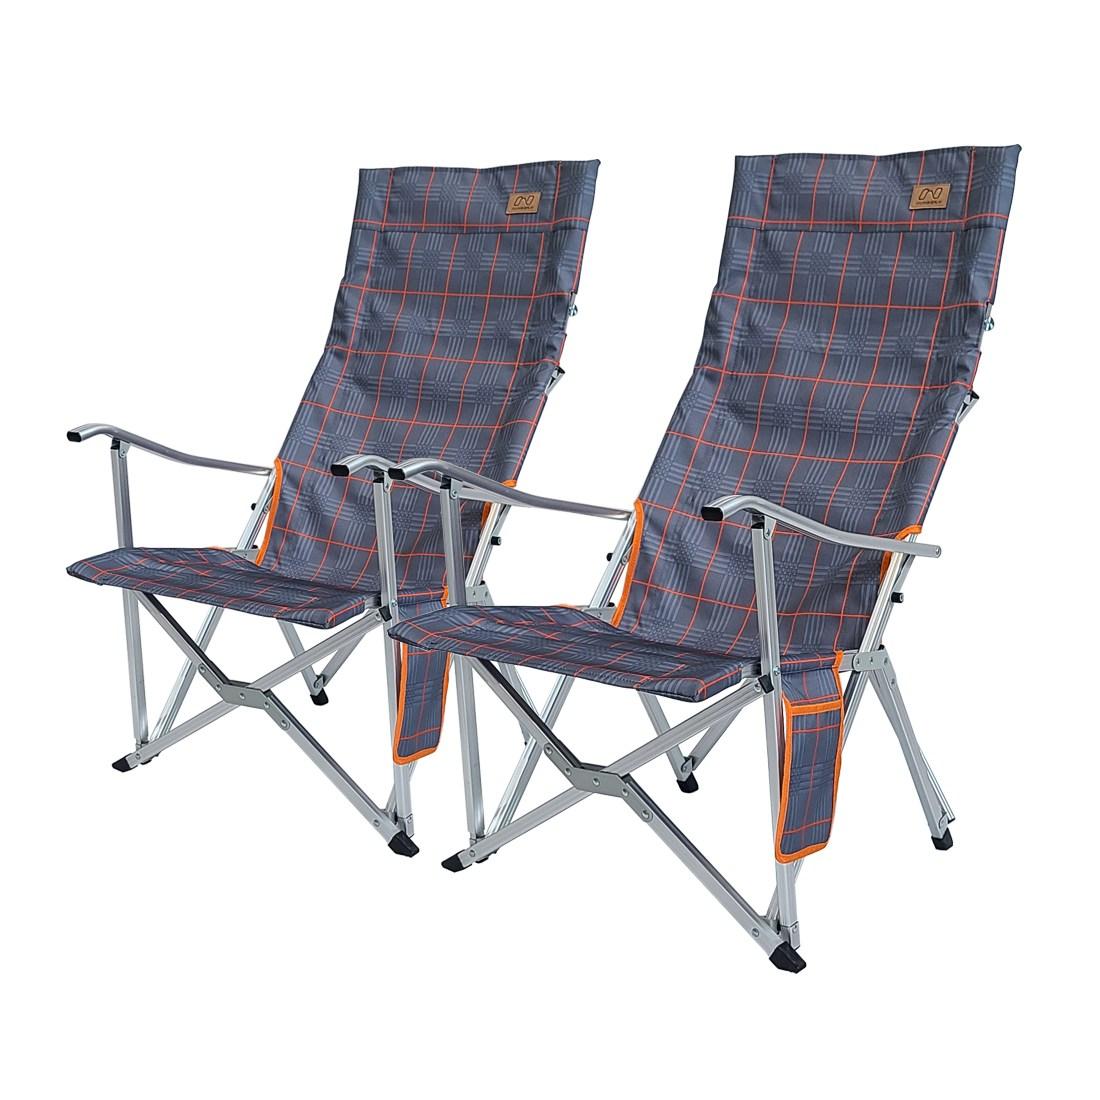 넘버엔 1+1 폴딩 릴렉스 체어 프로 접이식 캠핑 의자, 네이비+네이비